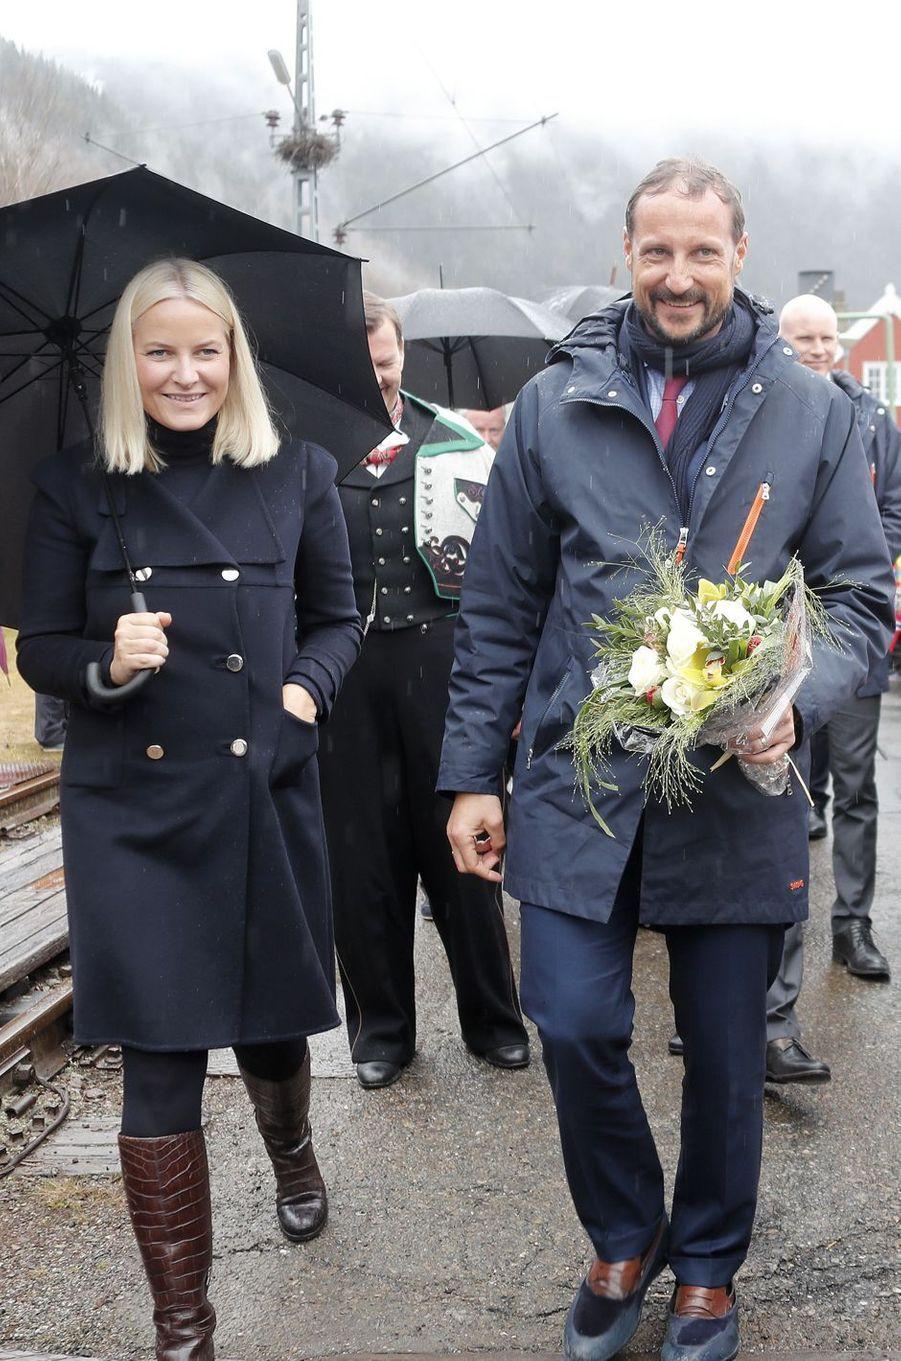 La princesse Mette-Marit et le prince Haakon de Norvège, le 3 mai 2018 sur le site de Rjukan-Notodden